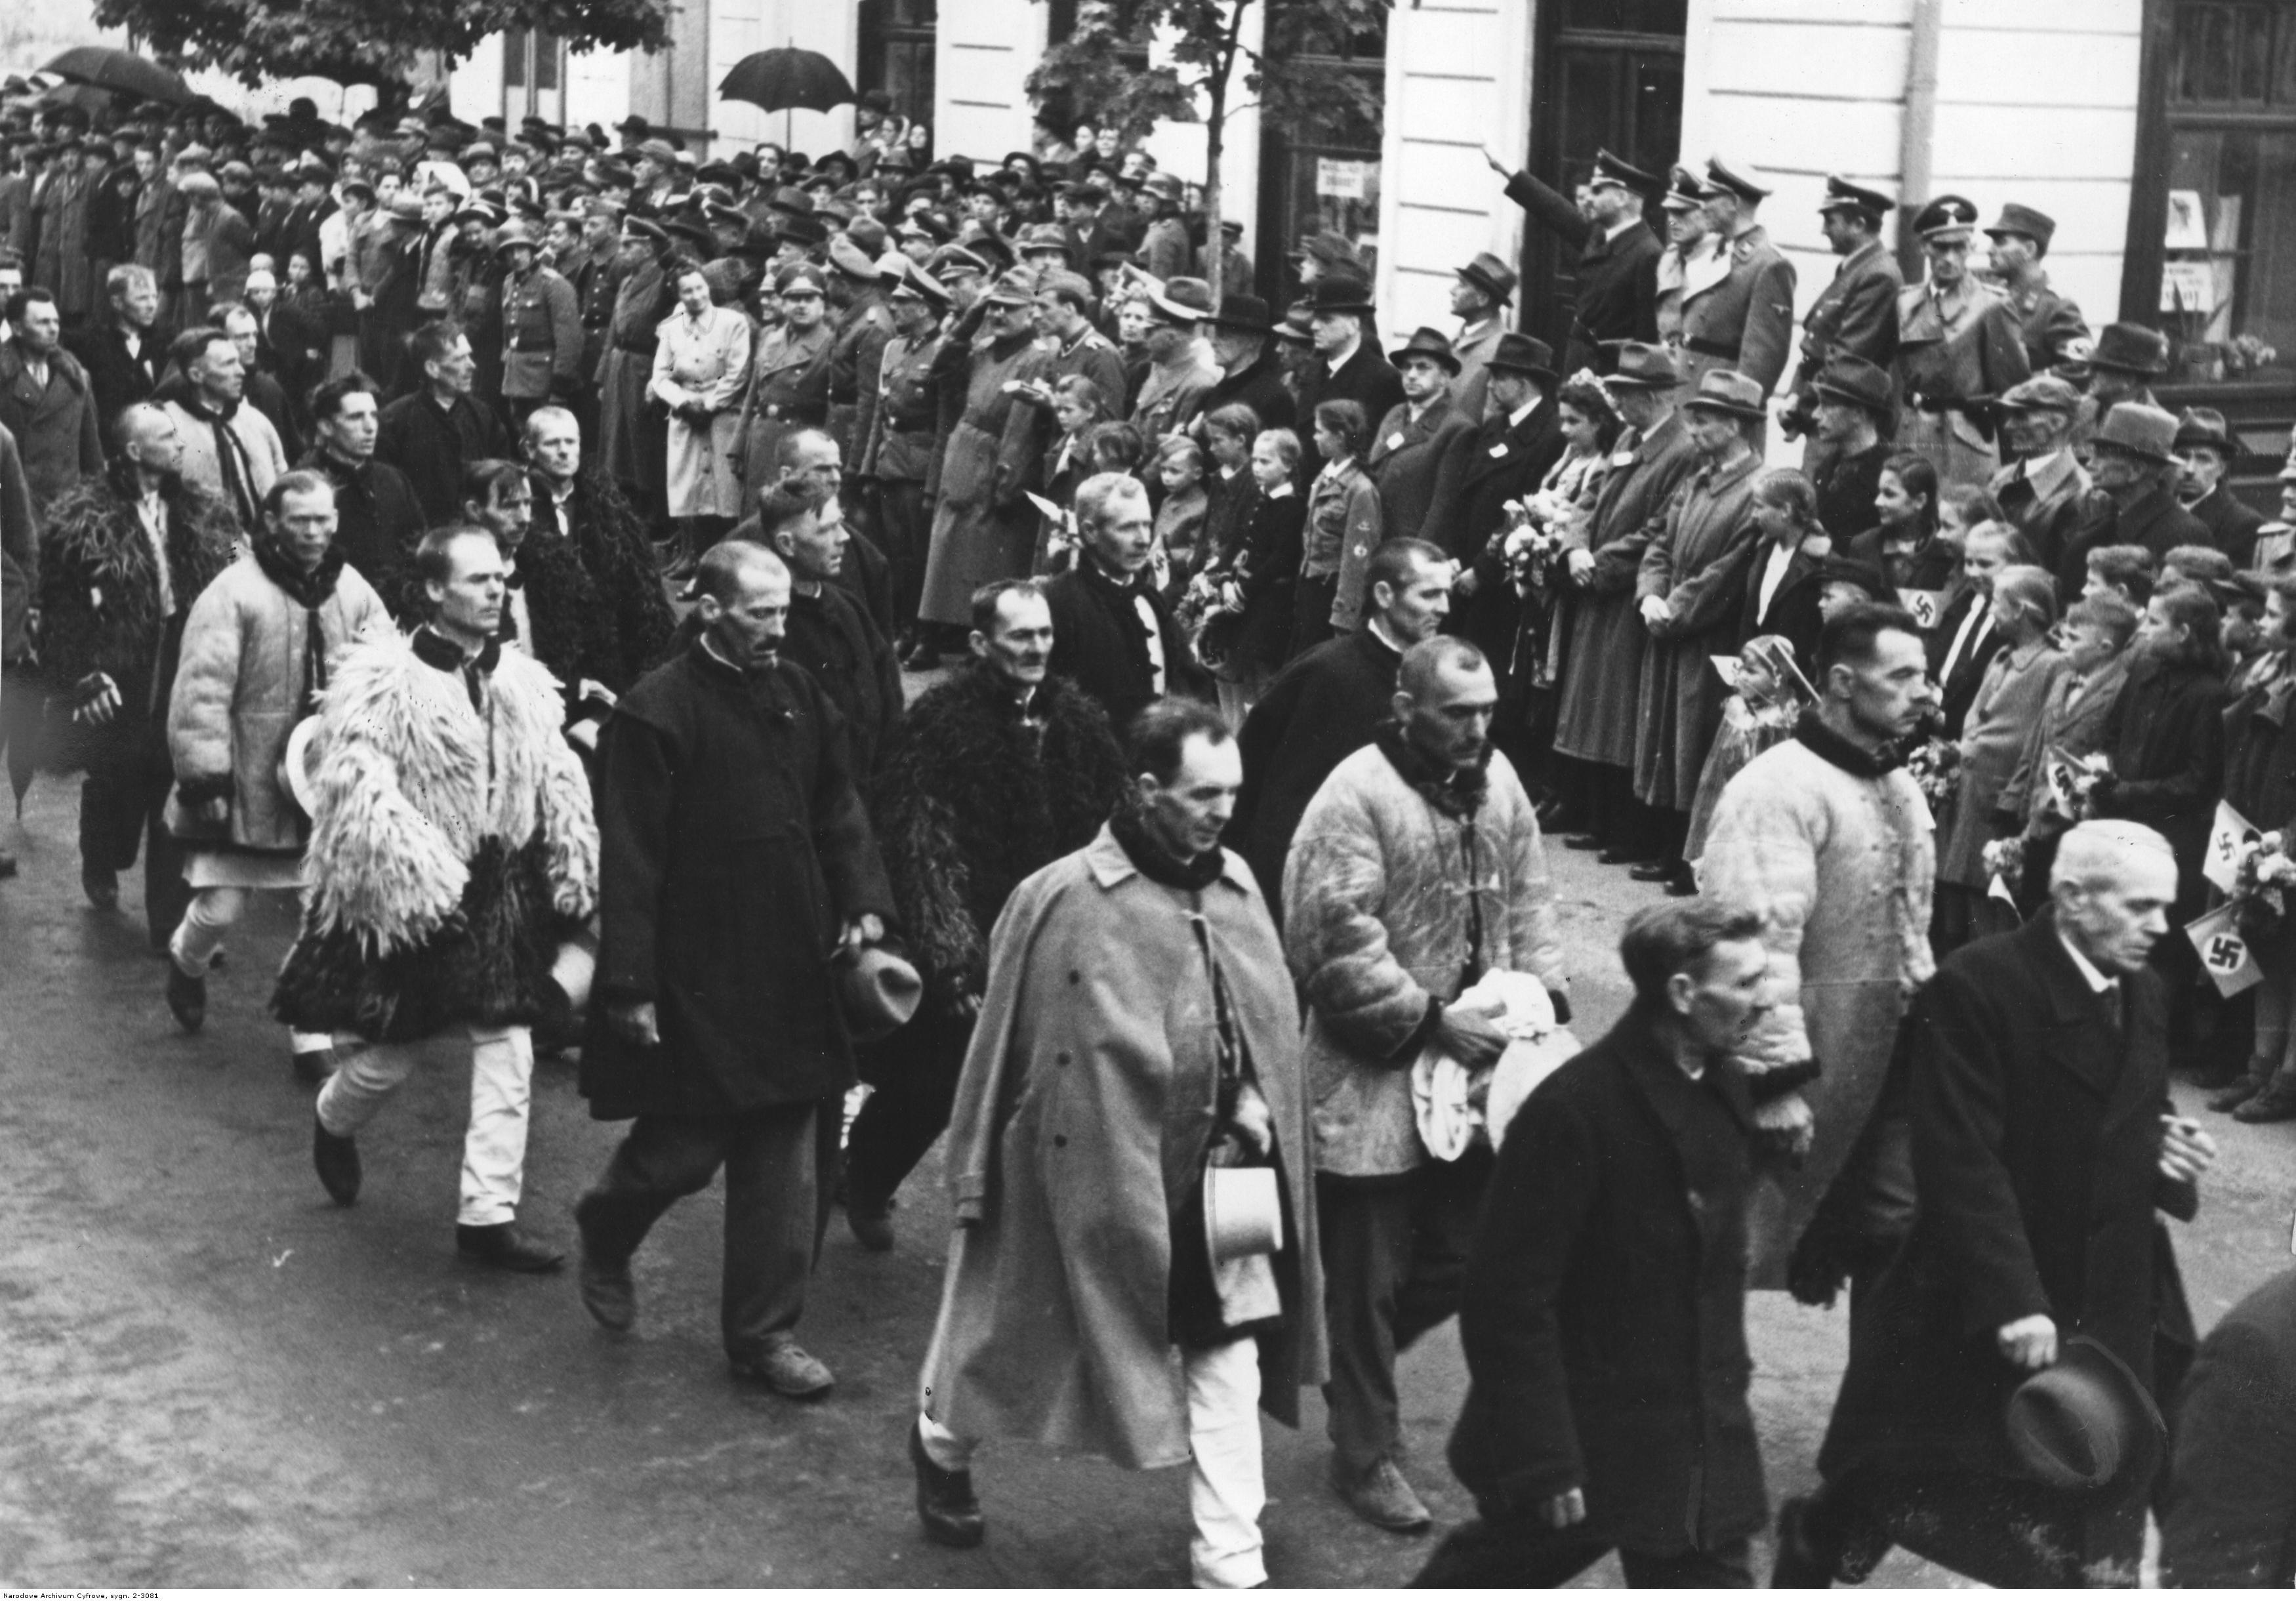 1943. Марш украинских крестьян по случаю прибытия генерал-губернатора Ганса Франка. Май